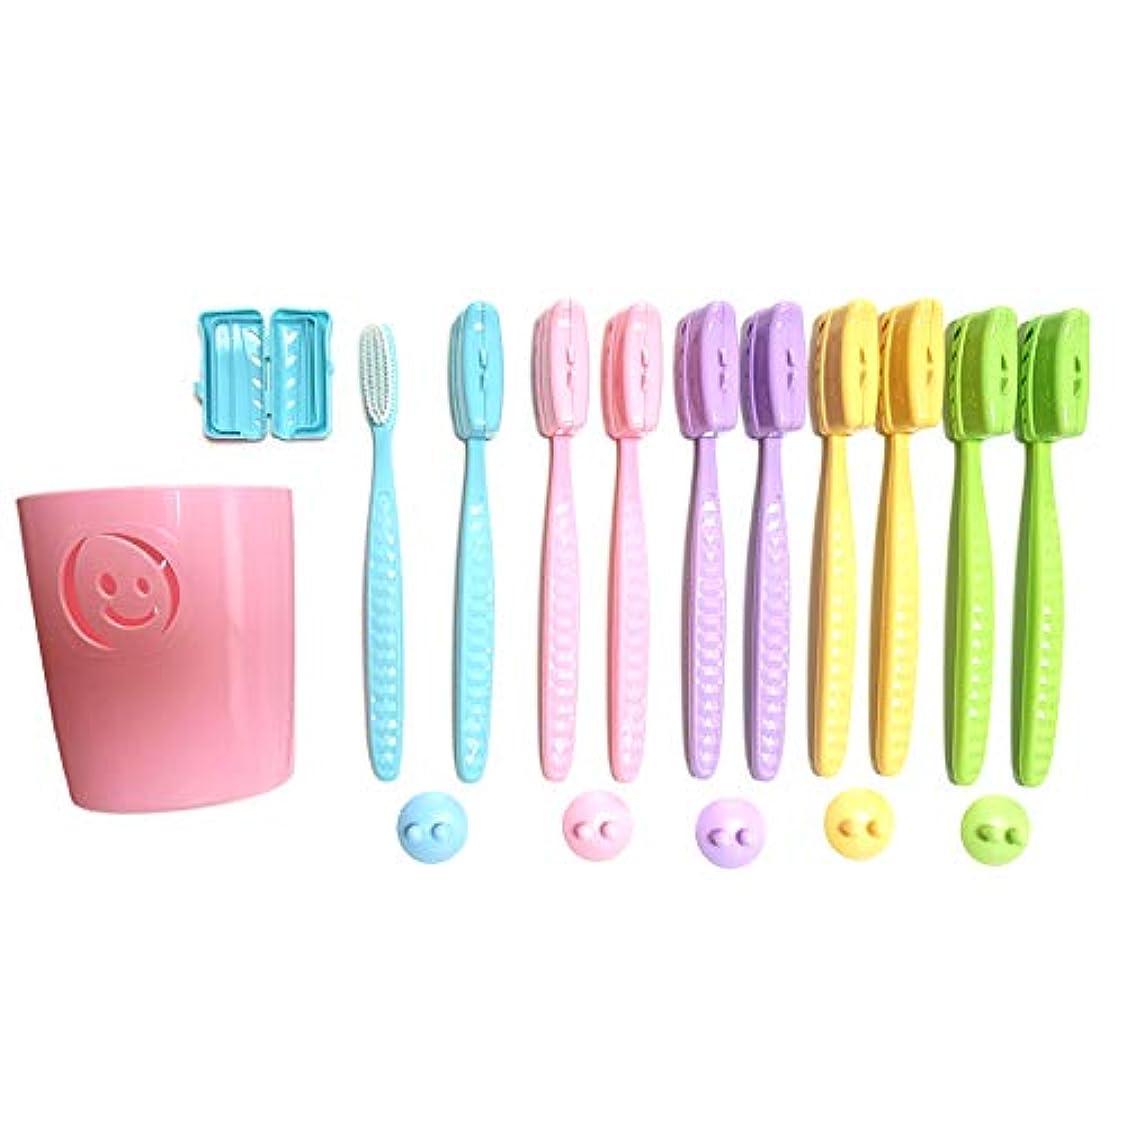 節約計算可能学者プレミアムケア ハブラシ 大きいヘッド ジャンボ 超やわらかめ 歯ブラシ セット / ハブラシ10本 + ハブラシカバー10本 + 壁掛けホルダー5本 + カップ1本 Toothbrush Set [並行輸入品]